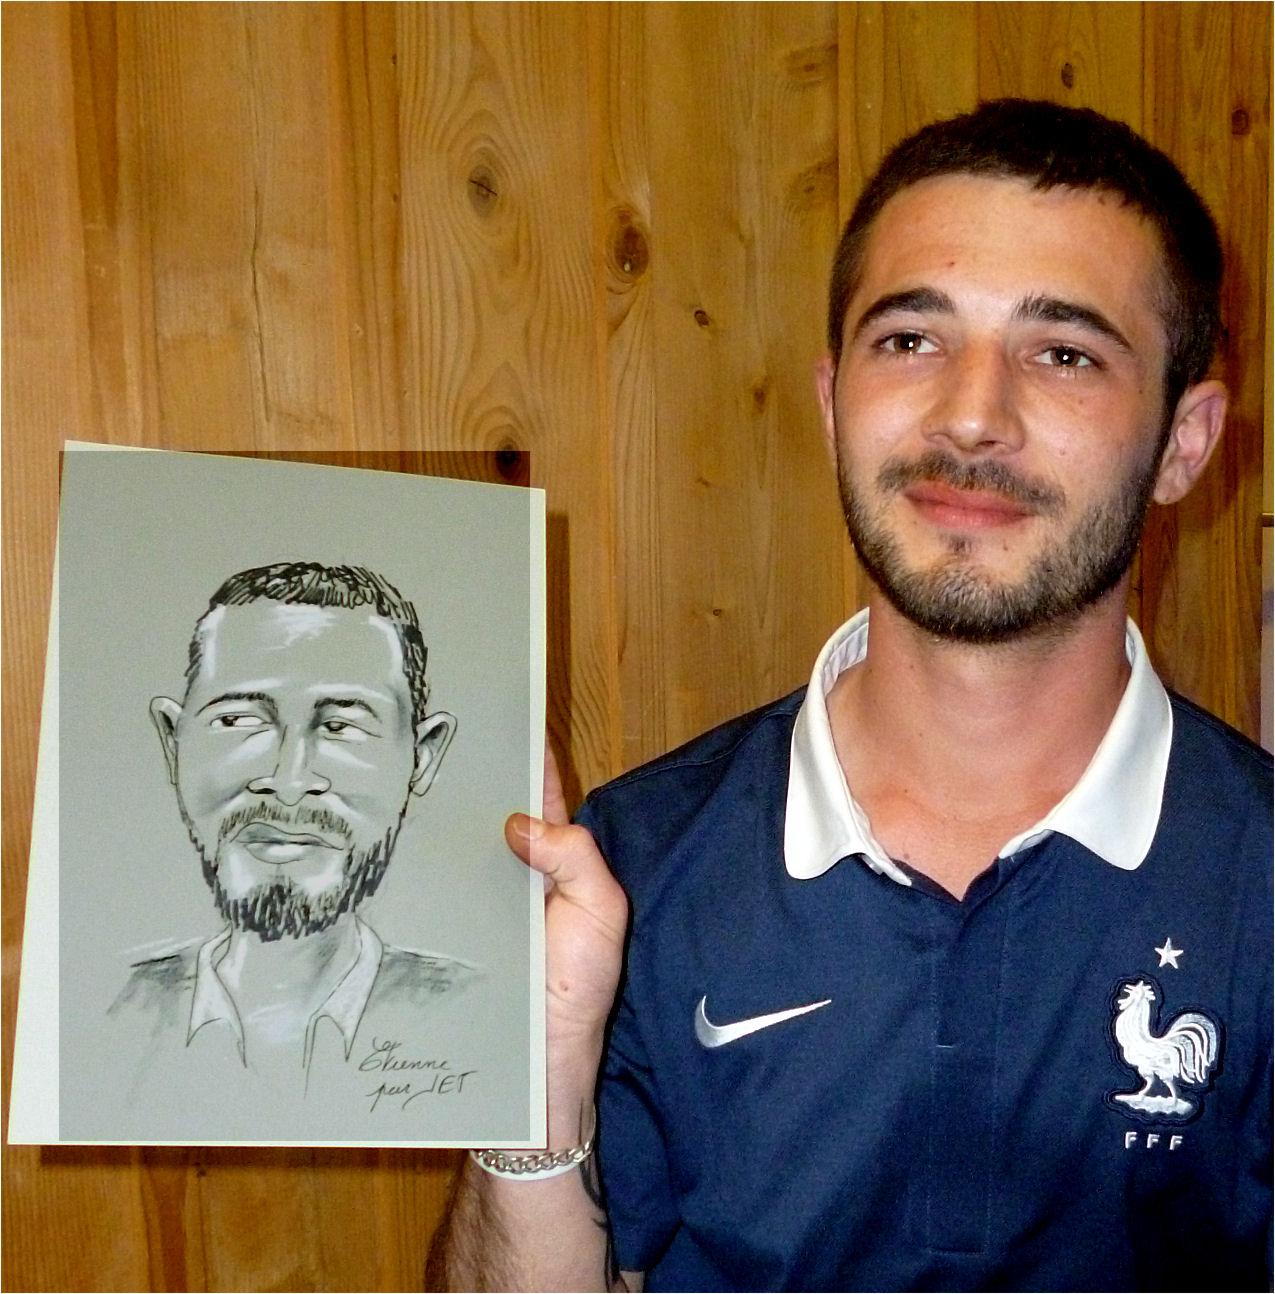 Etienne caricature de JEF